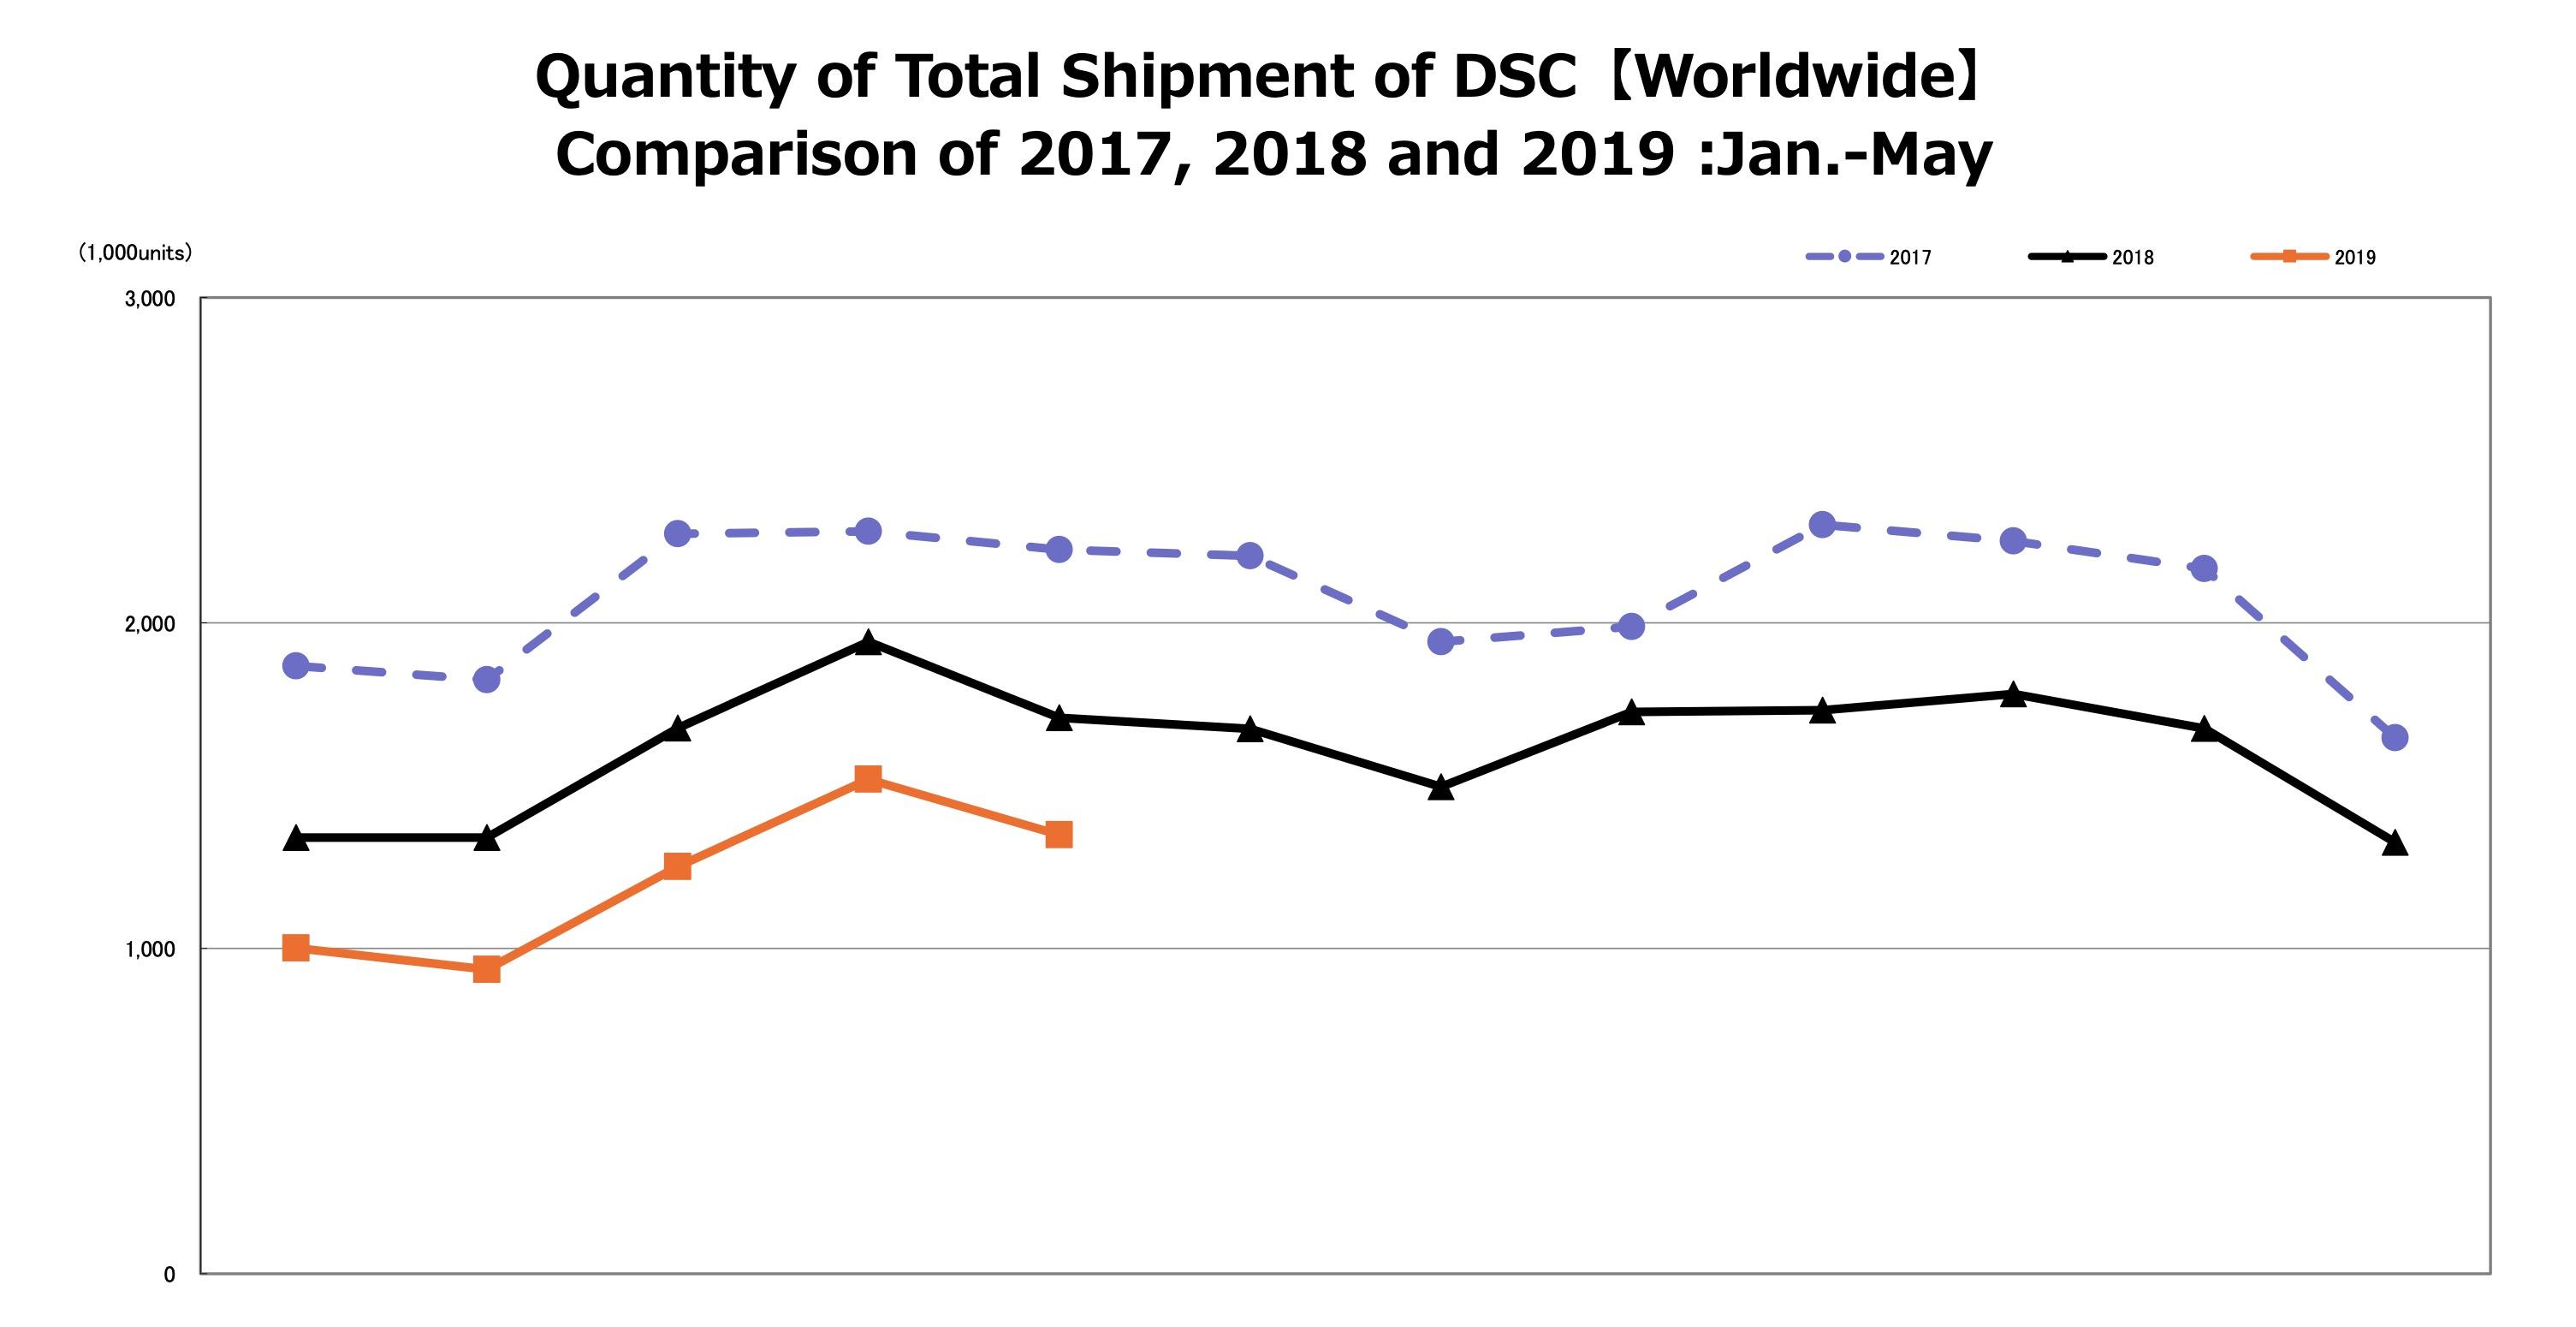 فروش دوربینهای دیجیتال در سال ۲۰۱۸، رقمی درحدود ۲۰.۲ میلیون دستگاه دوربین